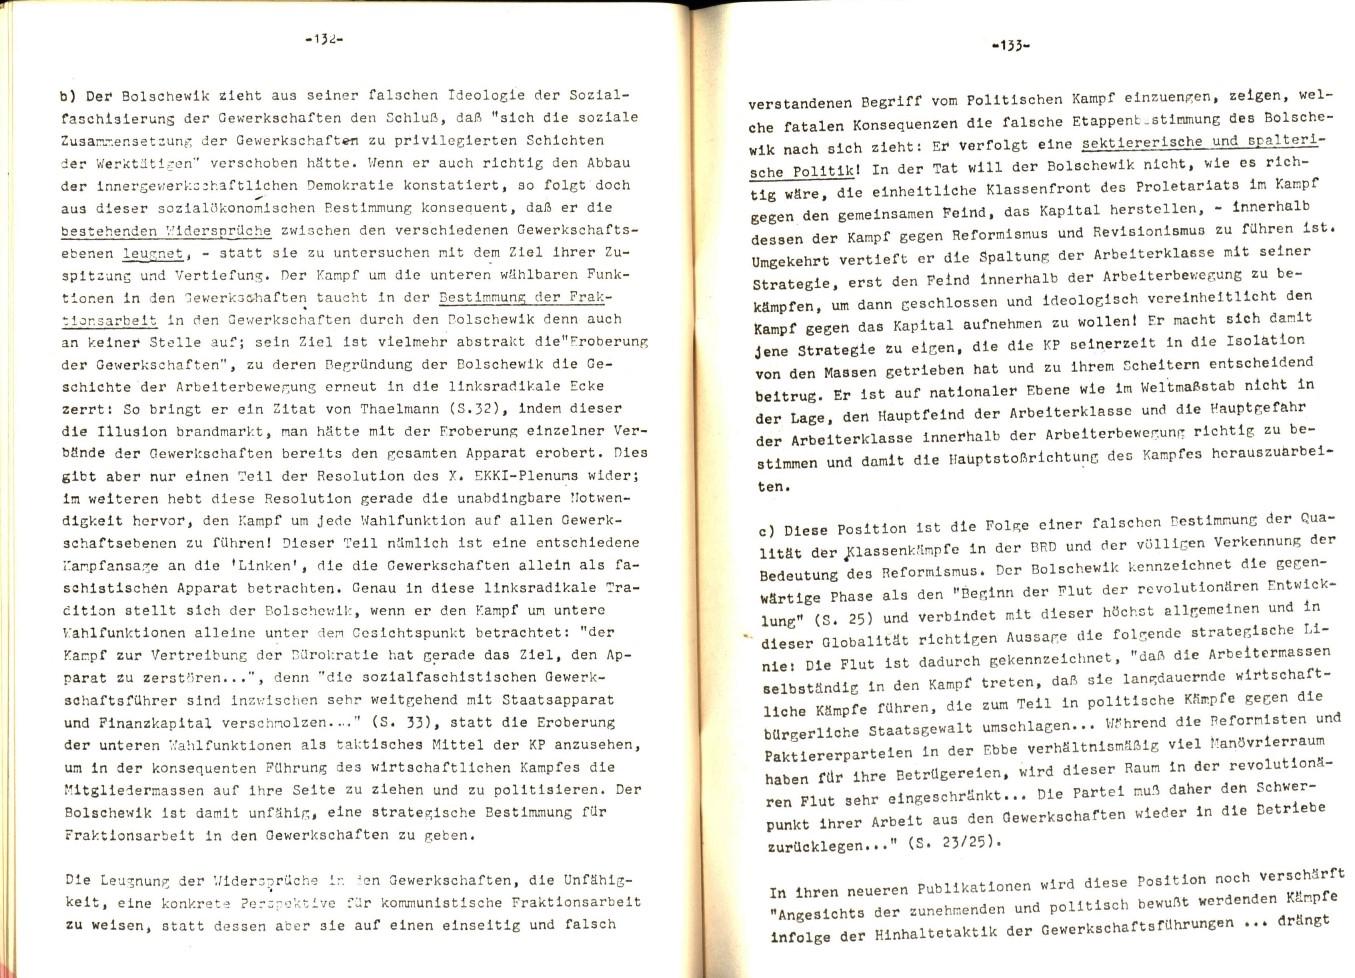 PLPI_1971_Aufloesung_69